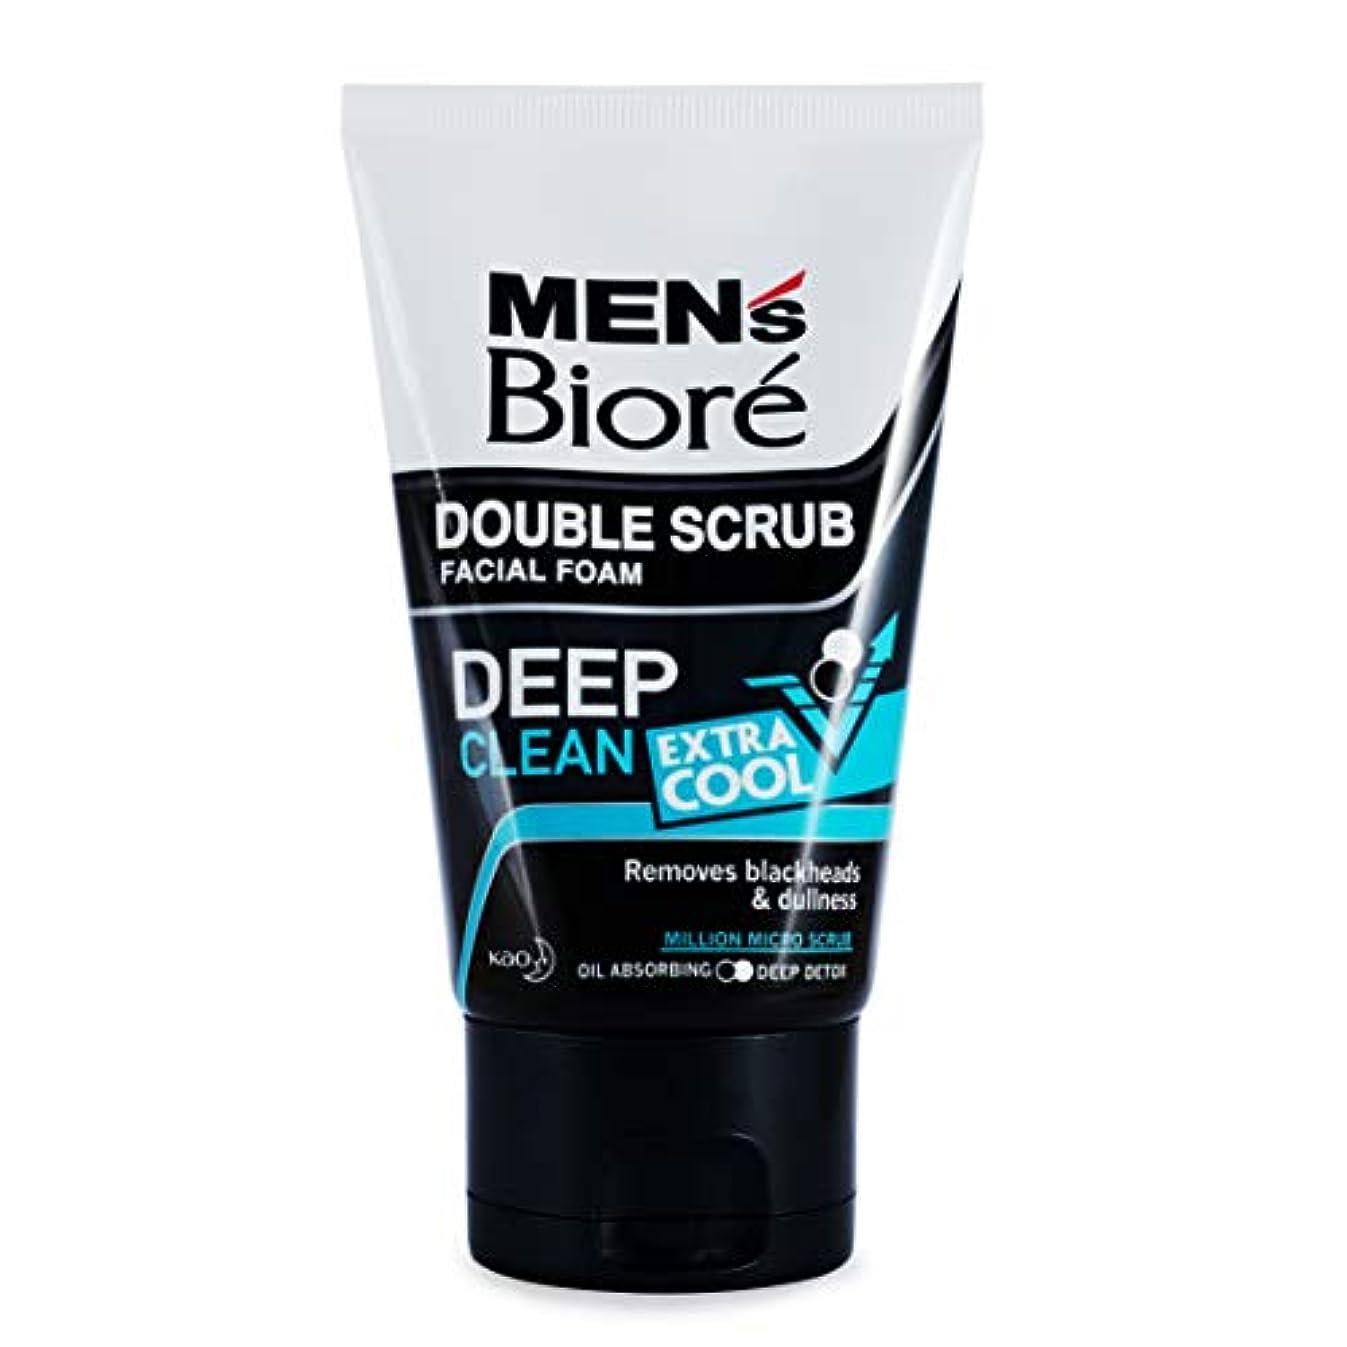 判読できない少ないボットBiore Men's ダブルスクラブ余分なクールな顔泡100グラム、なめらかな明るい&健康な皮膚。 - 非常にクール&さわやかな感覚。